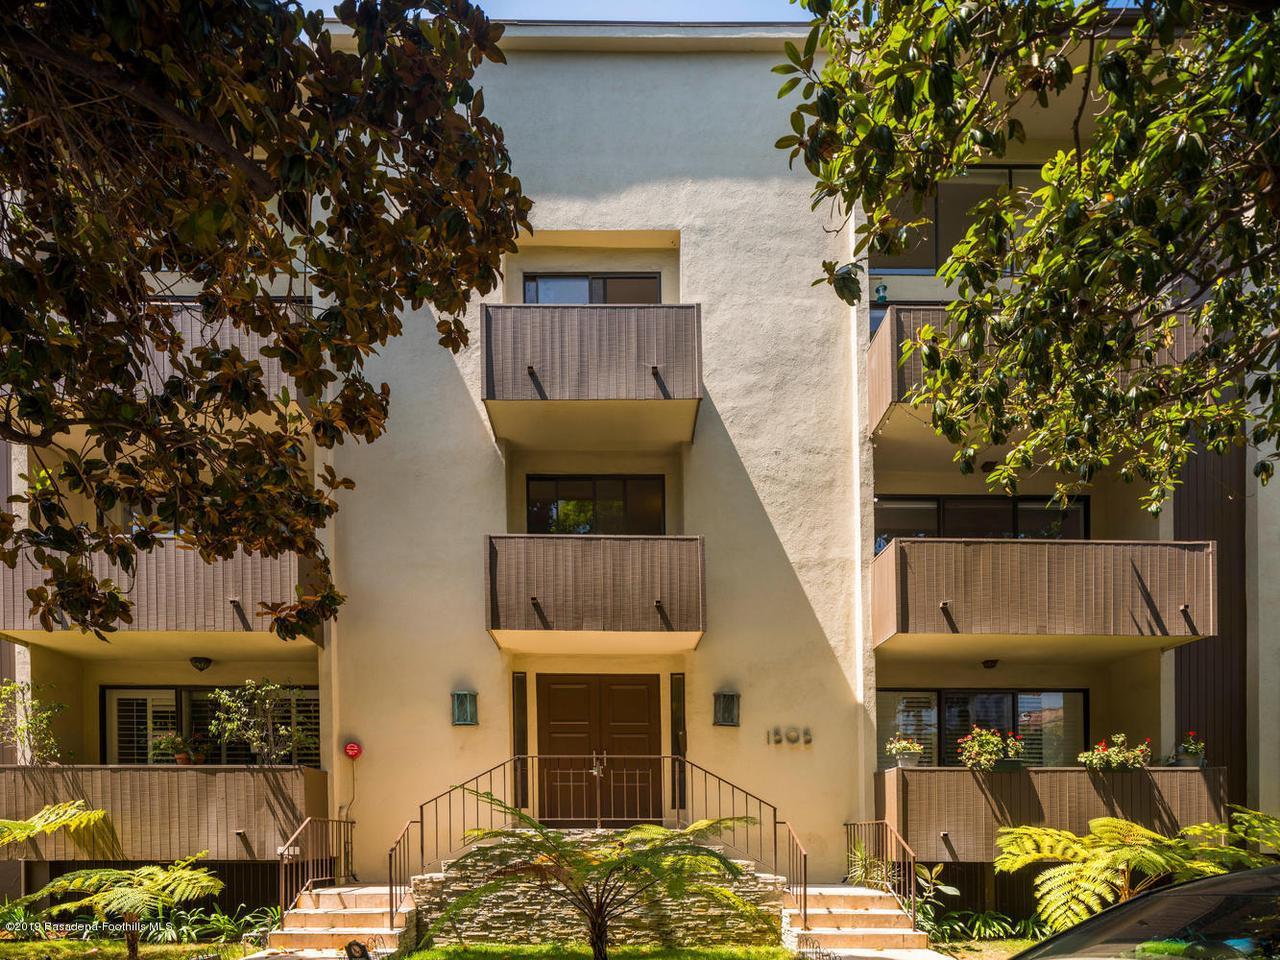 1505 S Bentley Ave, Los Angeles, California